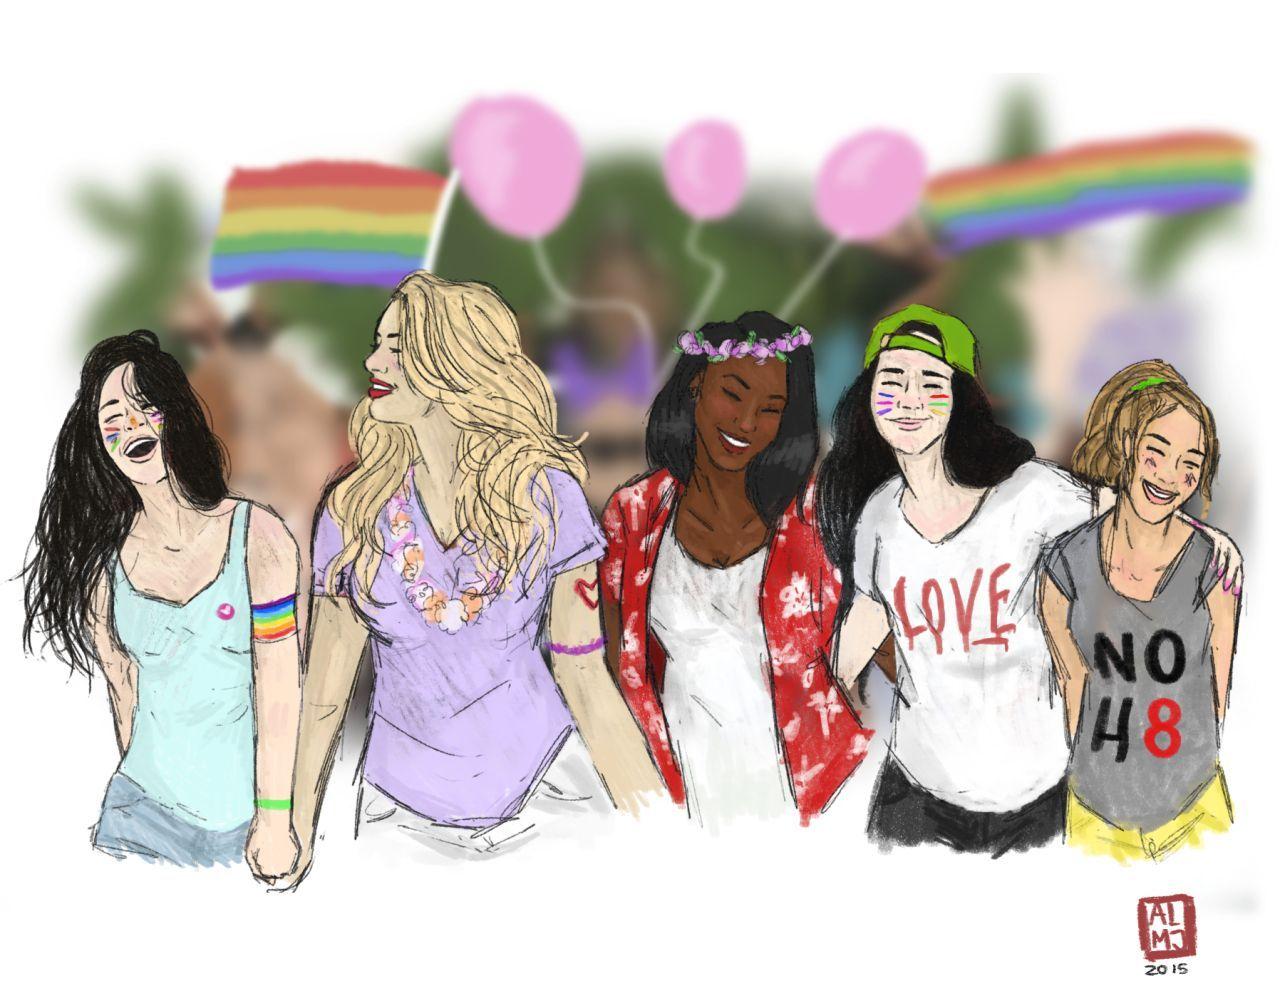 4835 - ¿Cuántas famosas de la comunidad LGBT conoces?